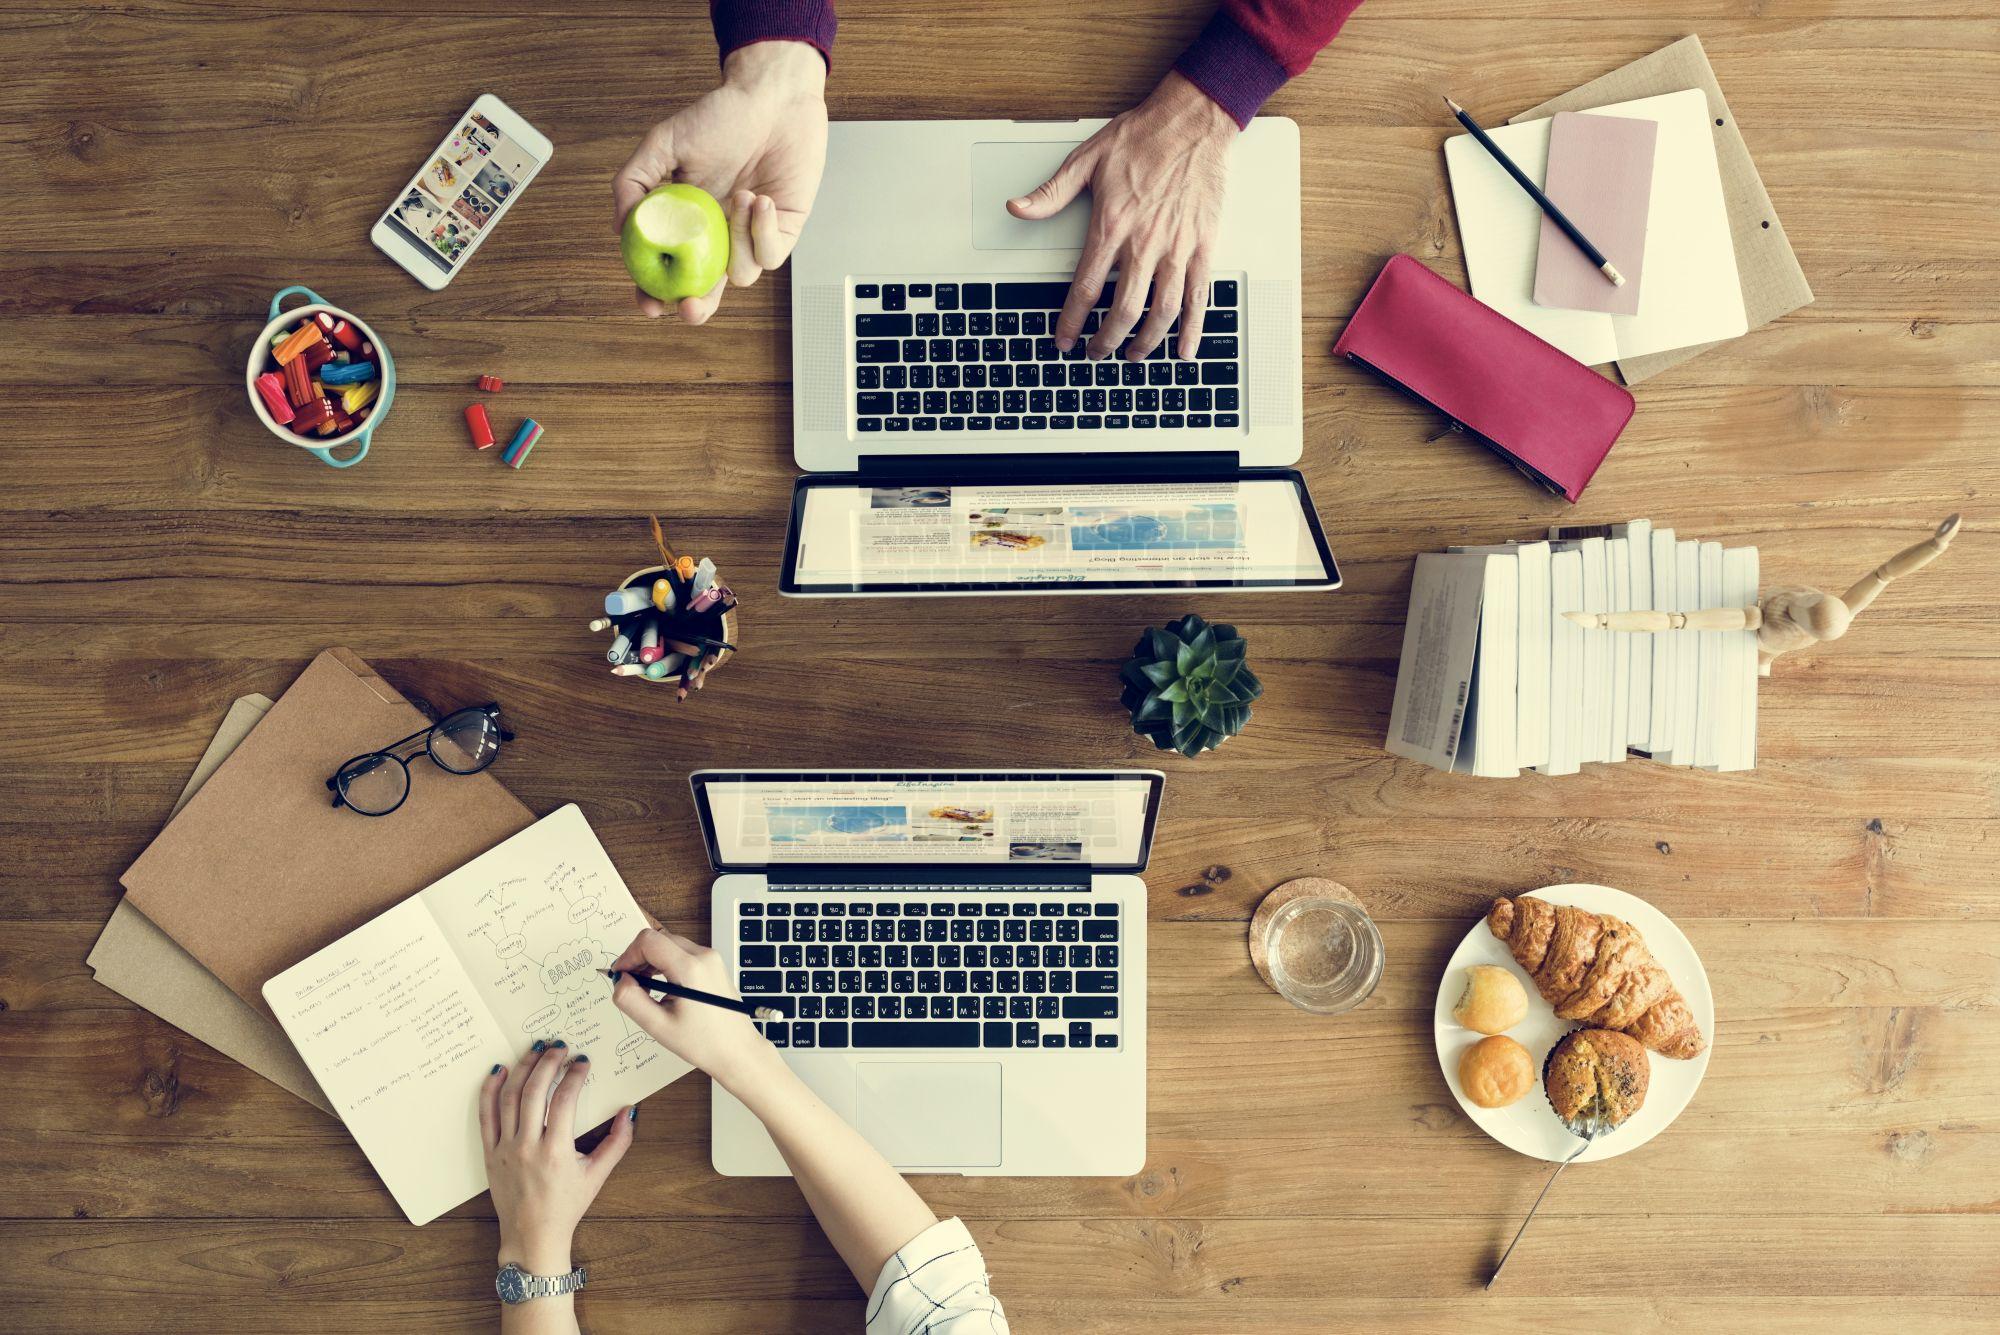 Laptop Technology Corporate Business Teamwork Branding Concept